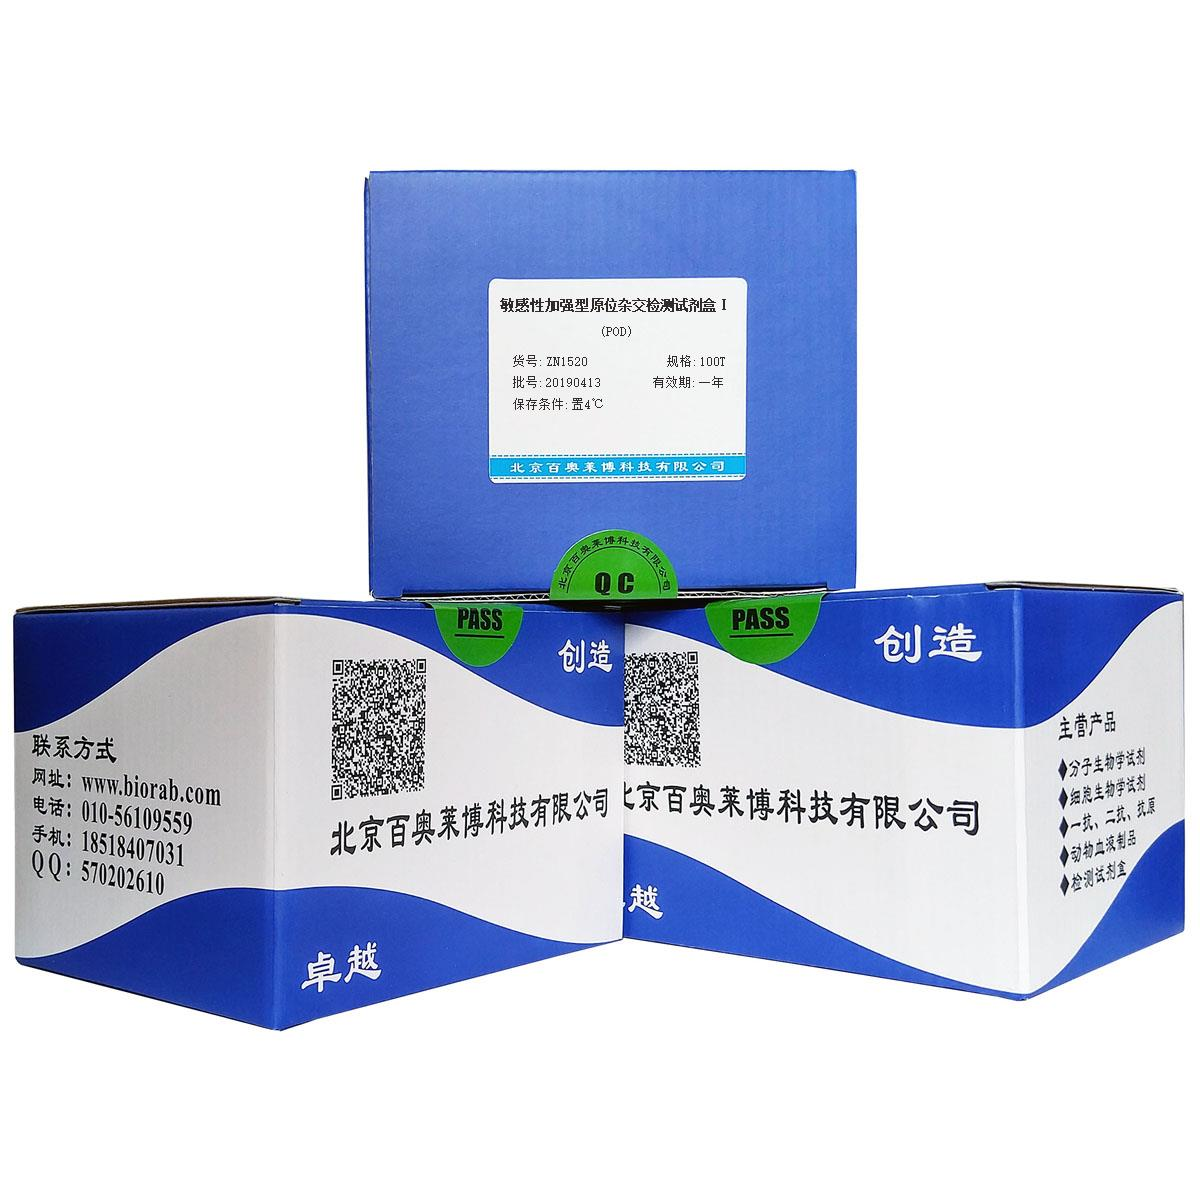 敏感性加强型原位杂交检测试剂盒Ⅰ(POD)